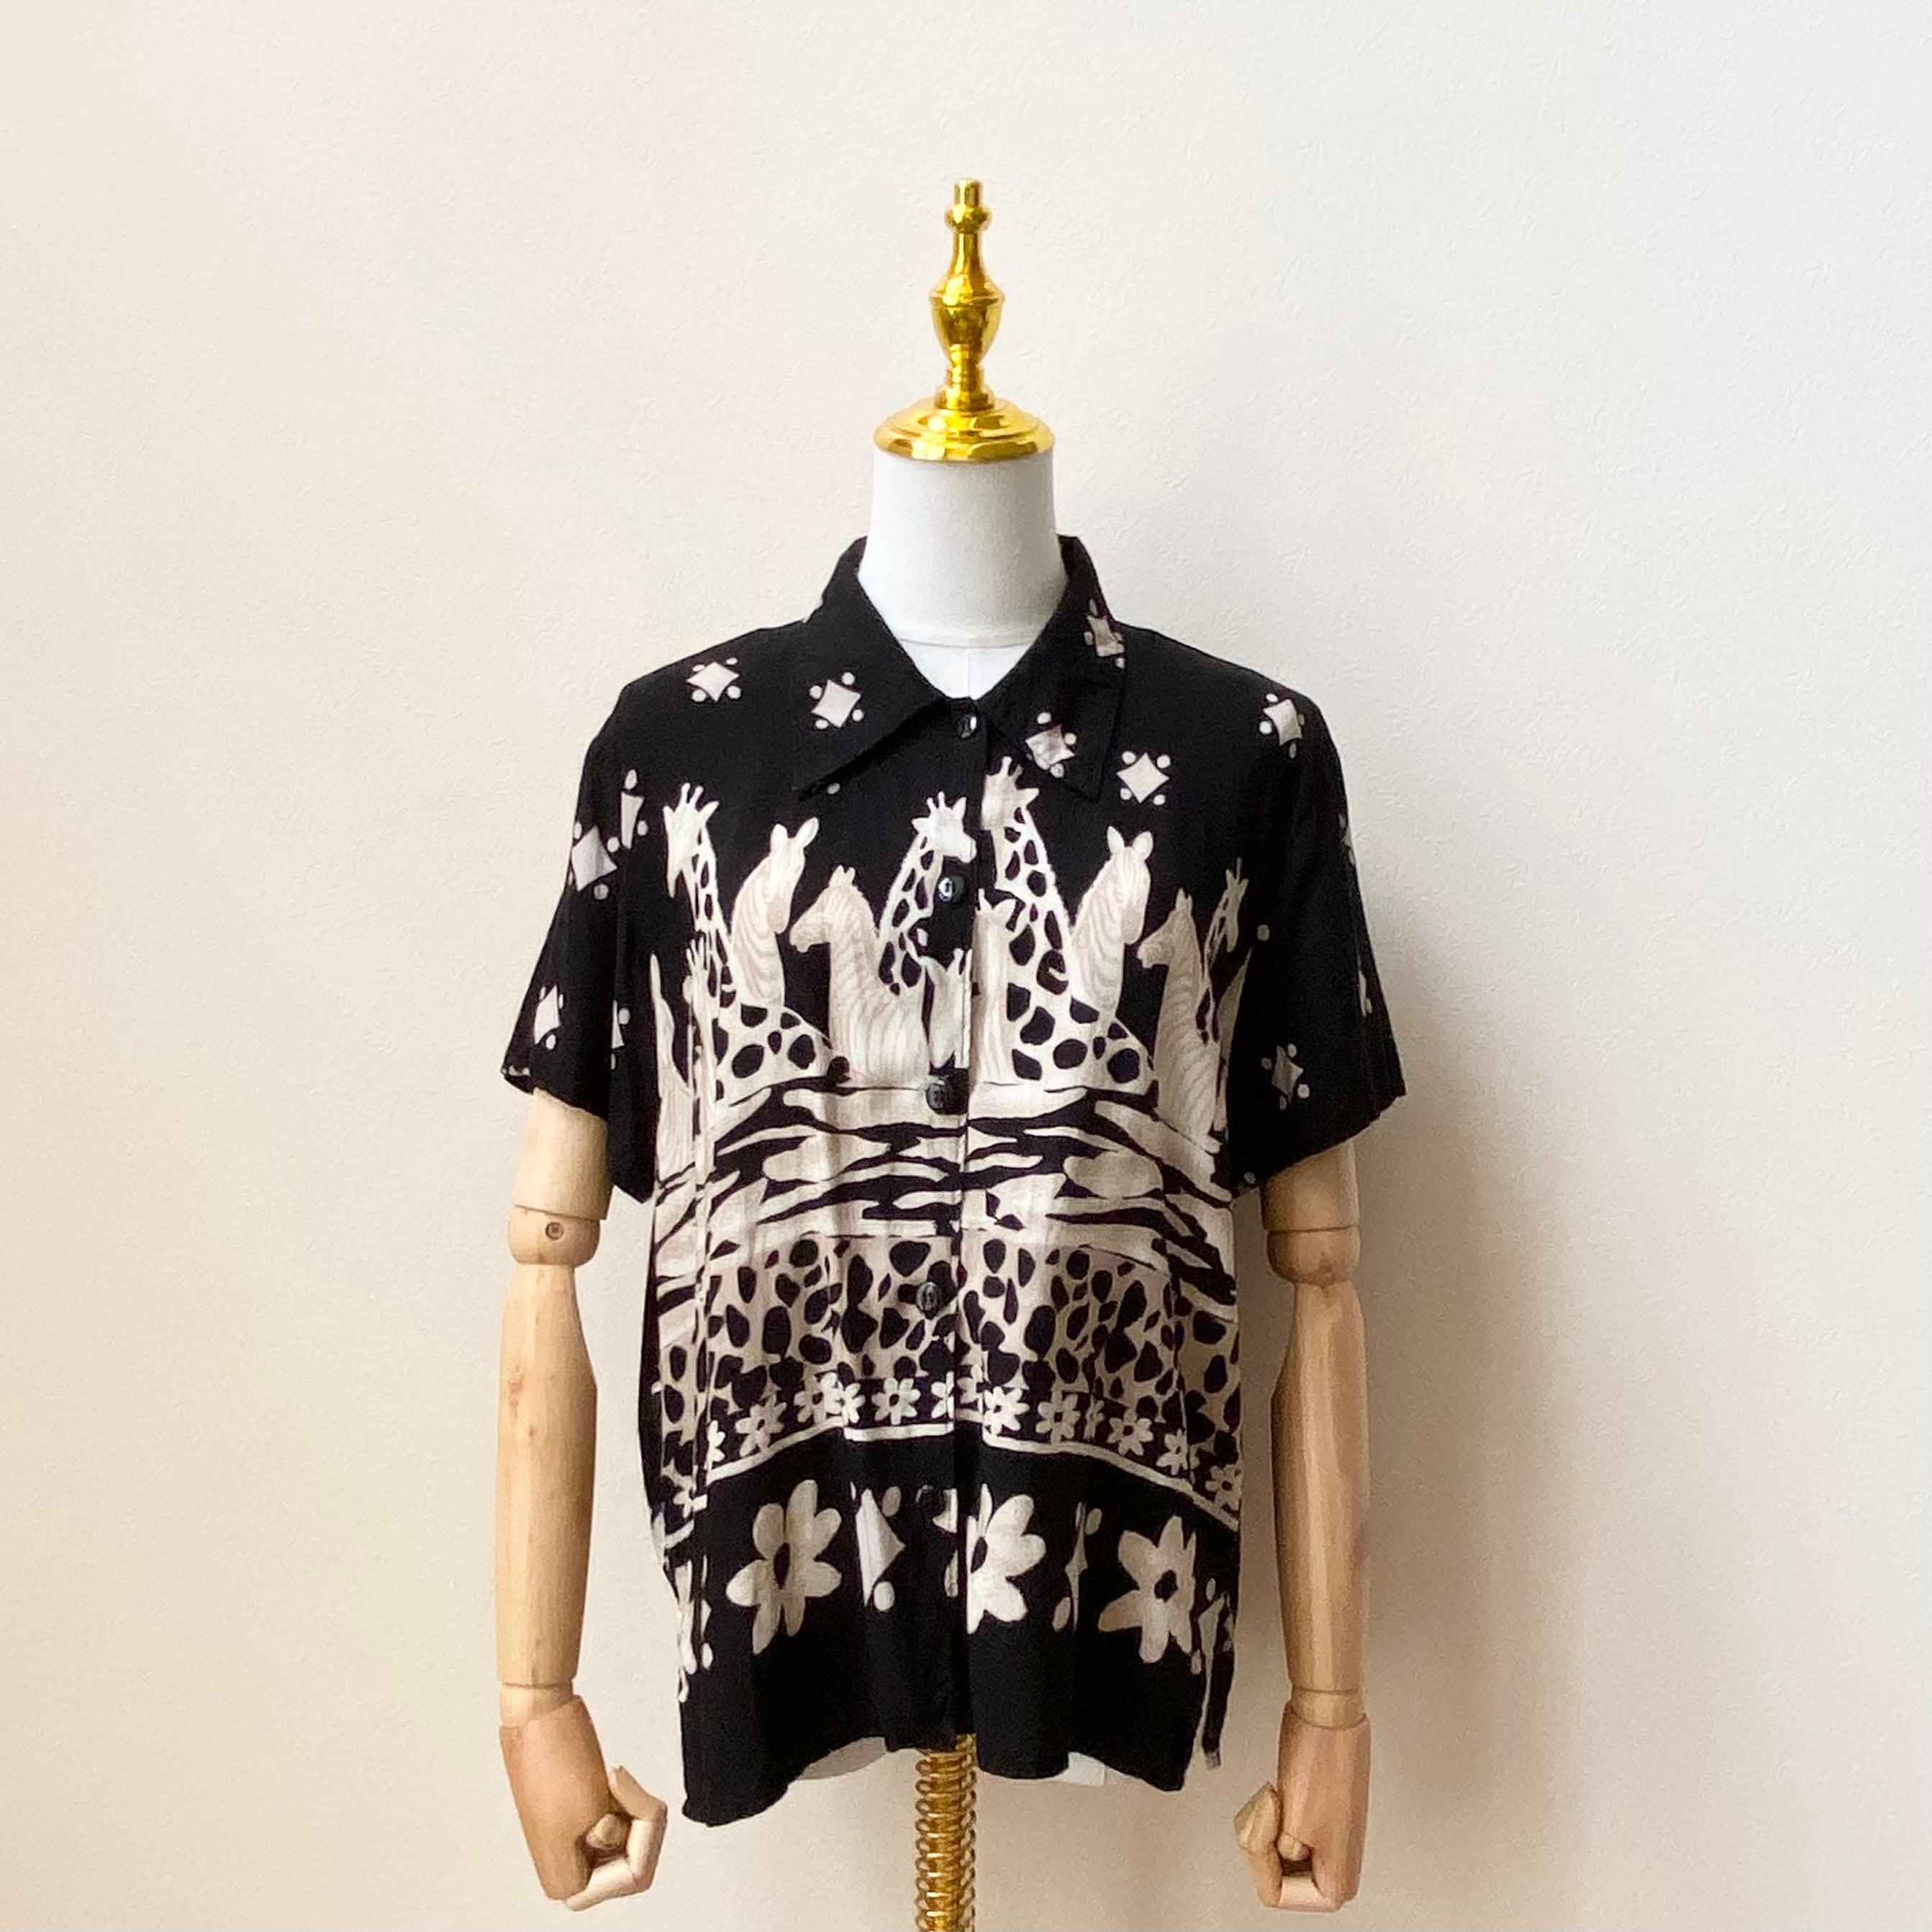 レディース 80年代 USA製 ゼブラ柄 ジラフ柄 半袖シャツ アメリカ古着 レーヨン ブラック 日本L